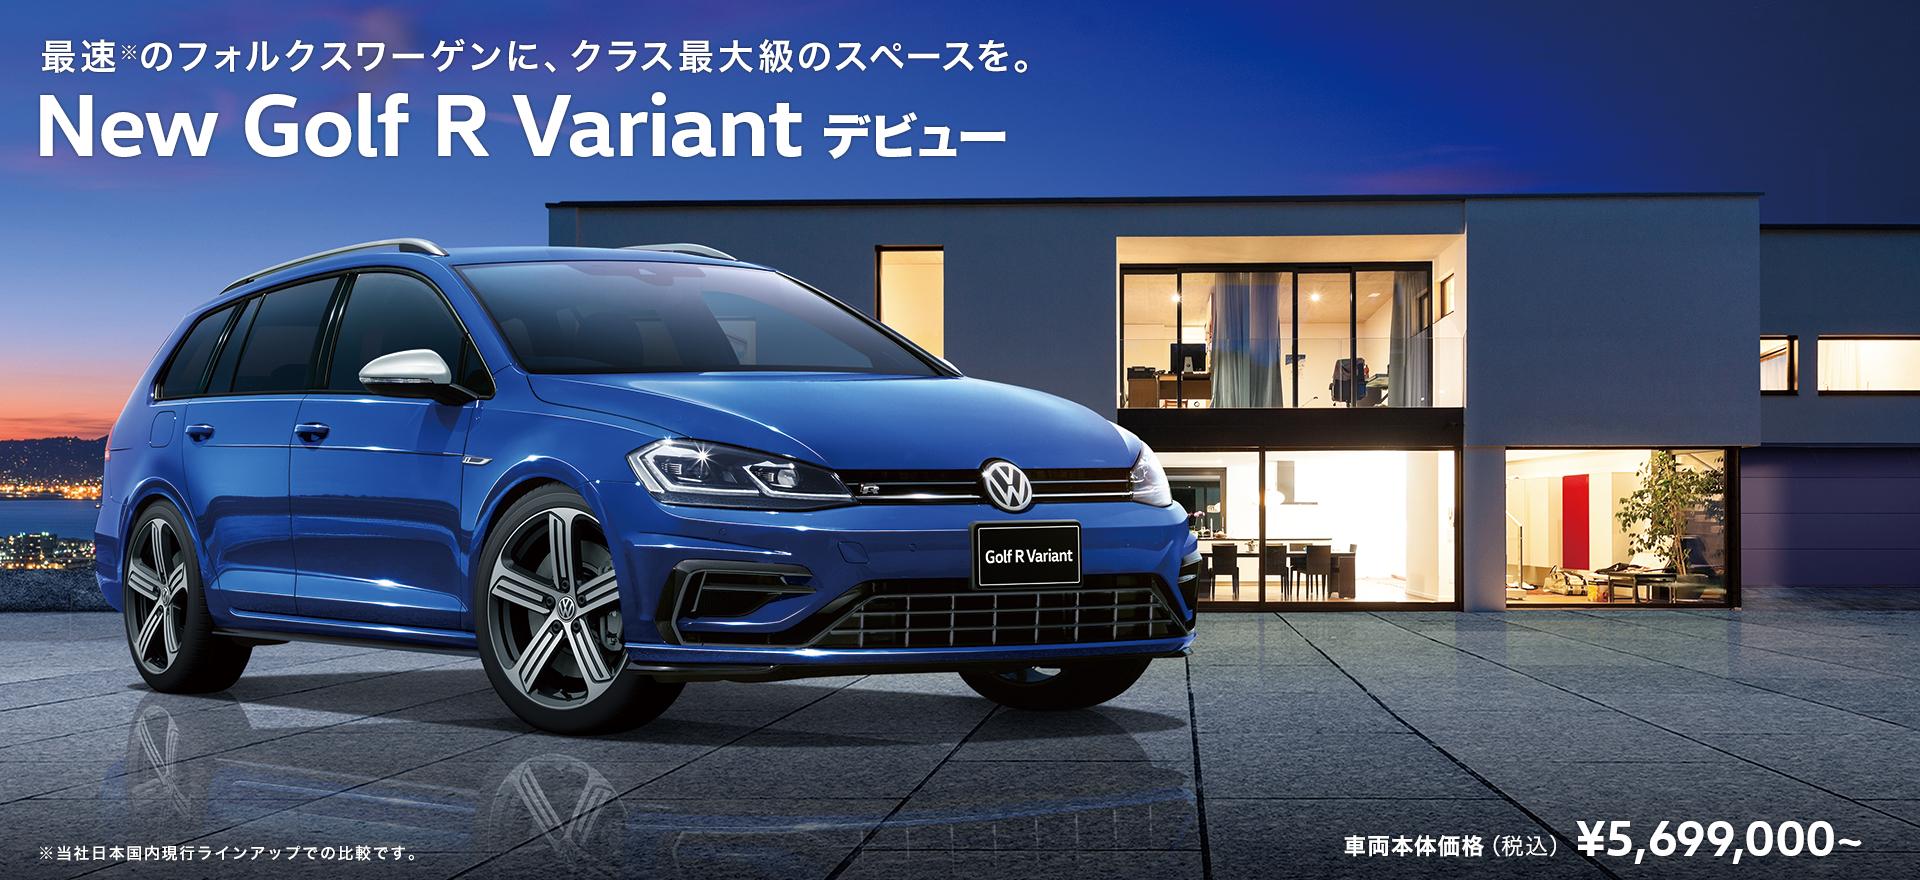 VW新型ゴルフ R ヴァリアント2017-2